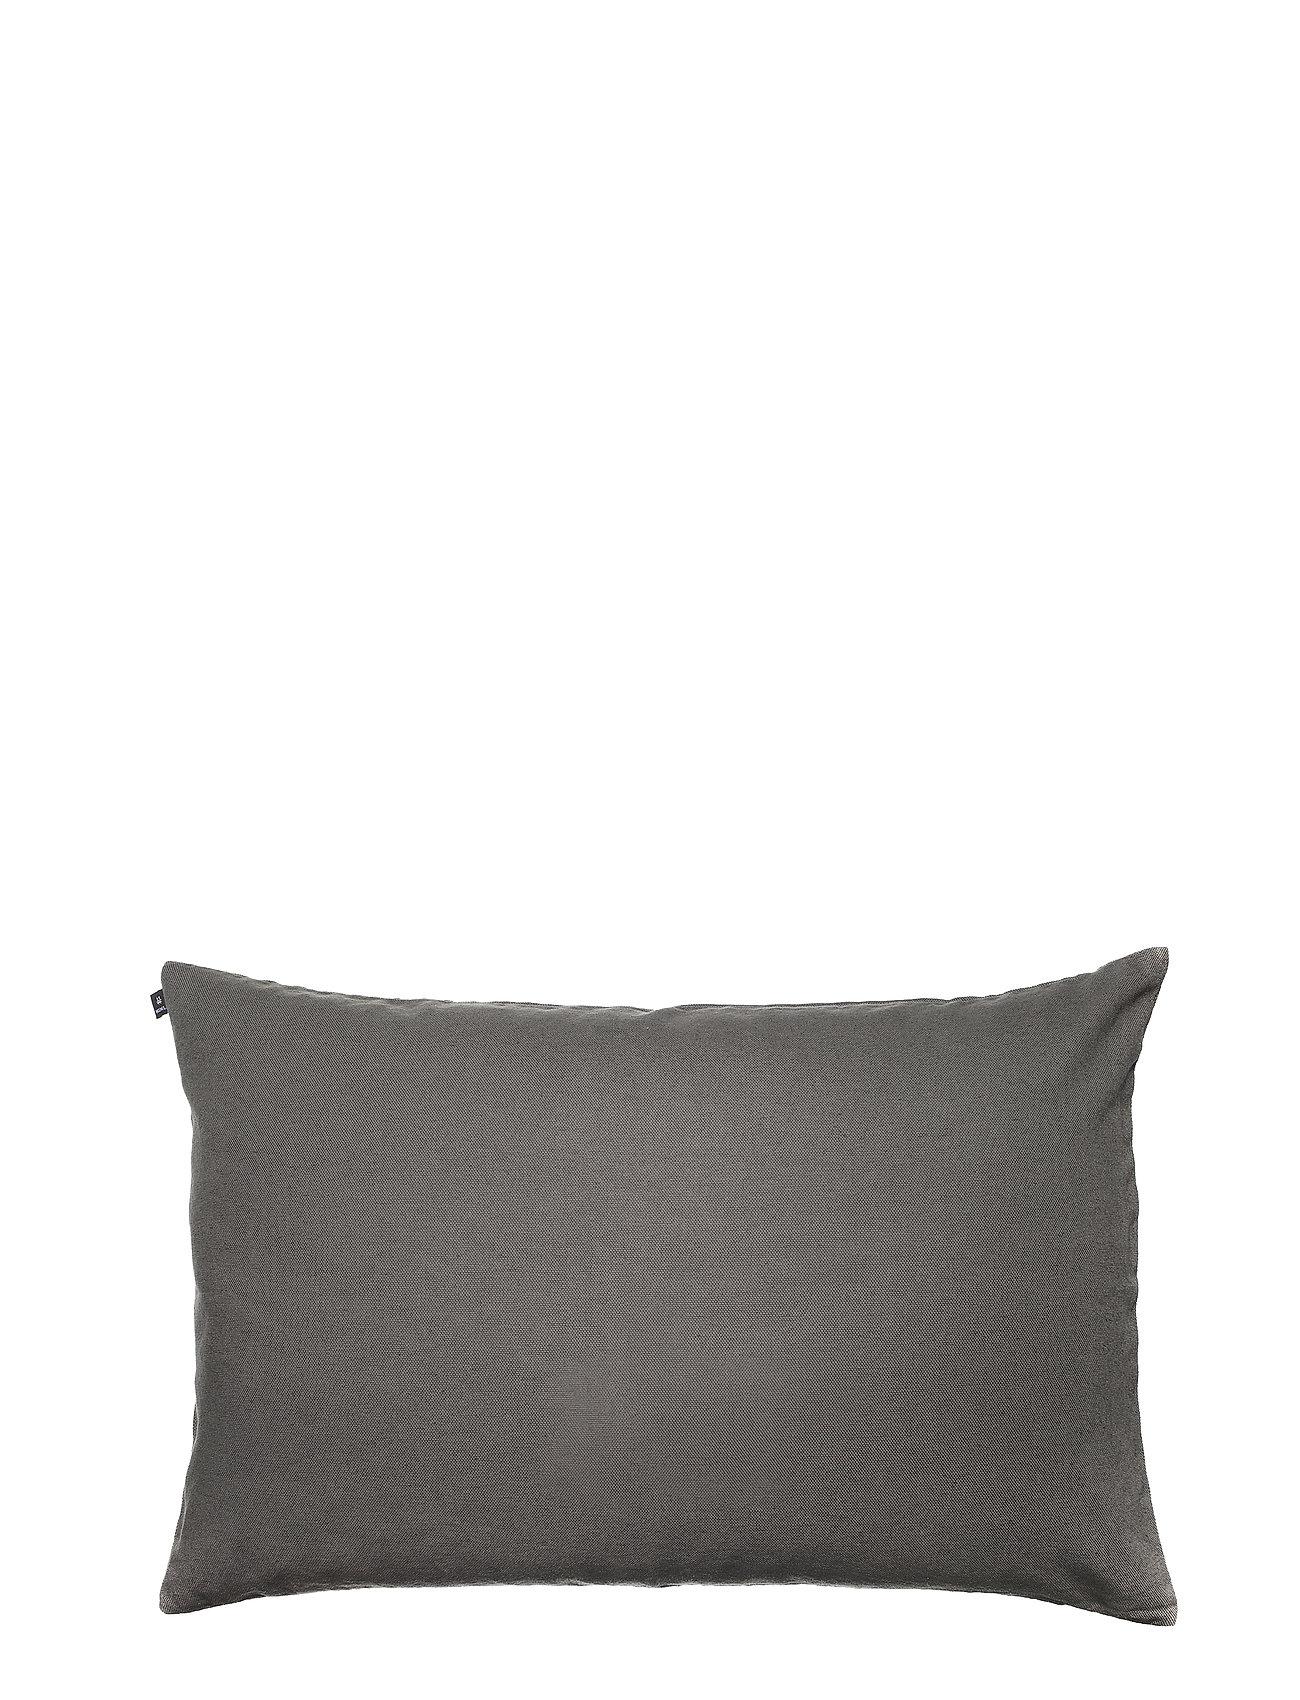 Himla Weekday Cushion - CHARCOAL